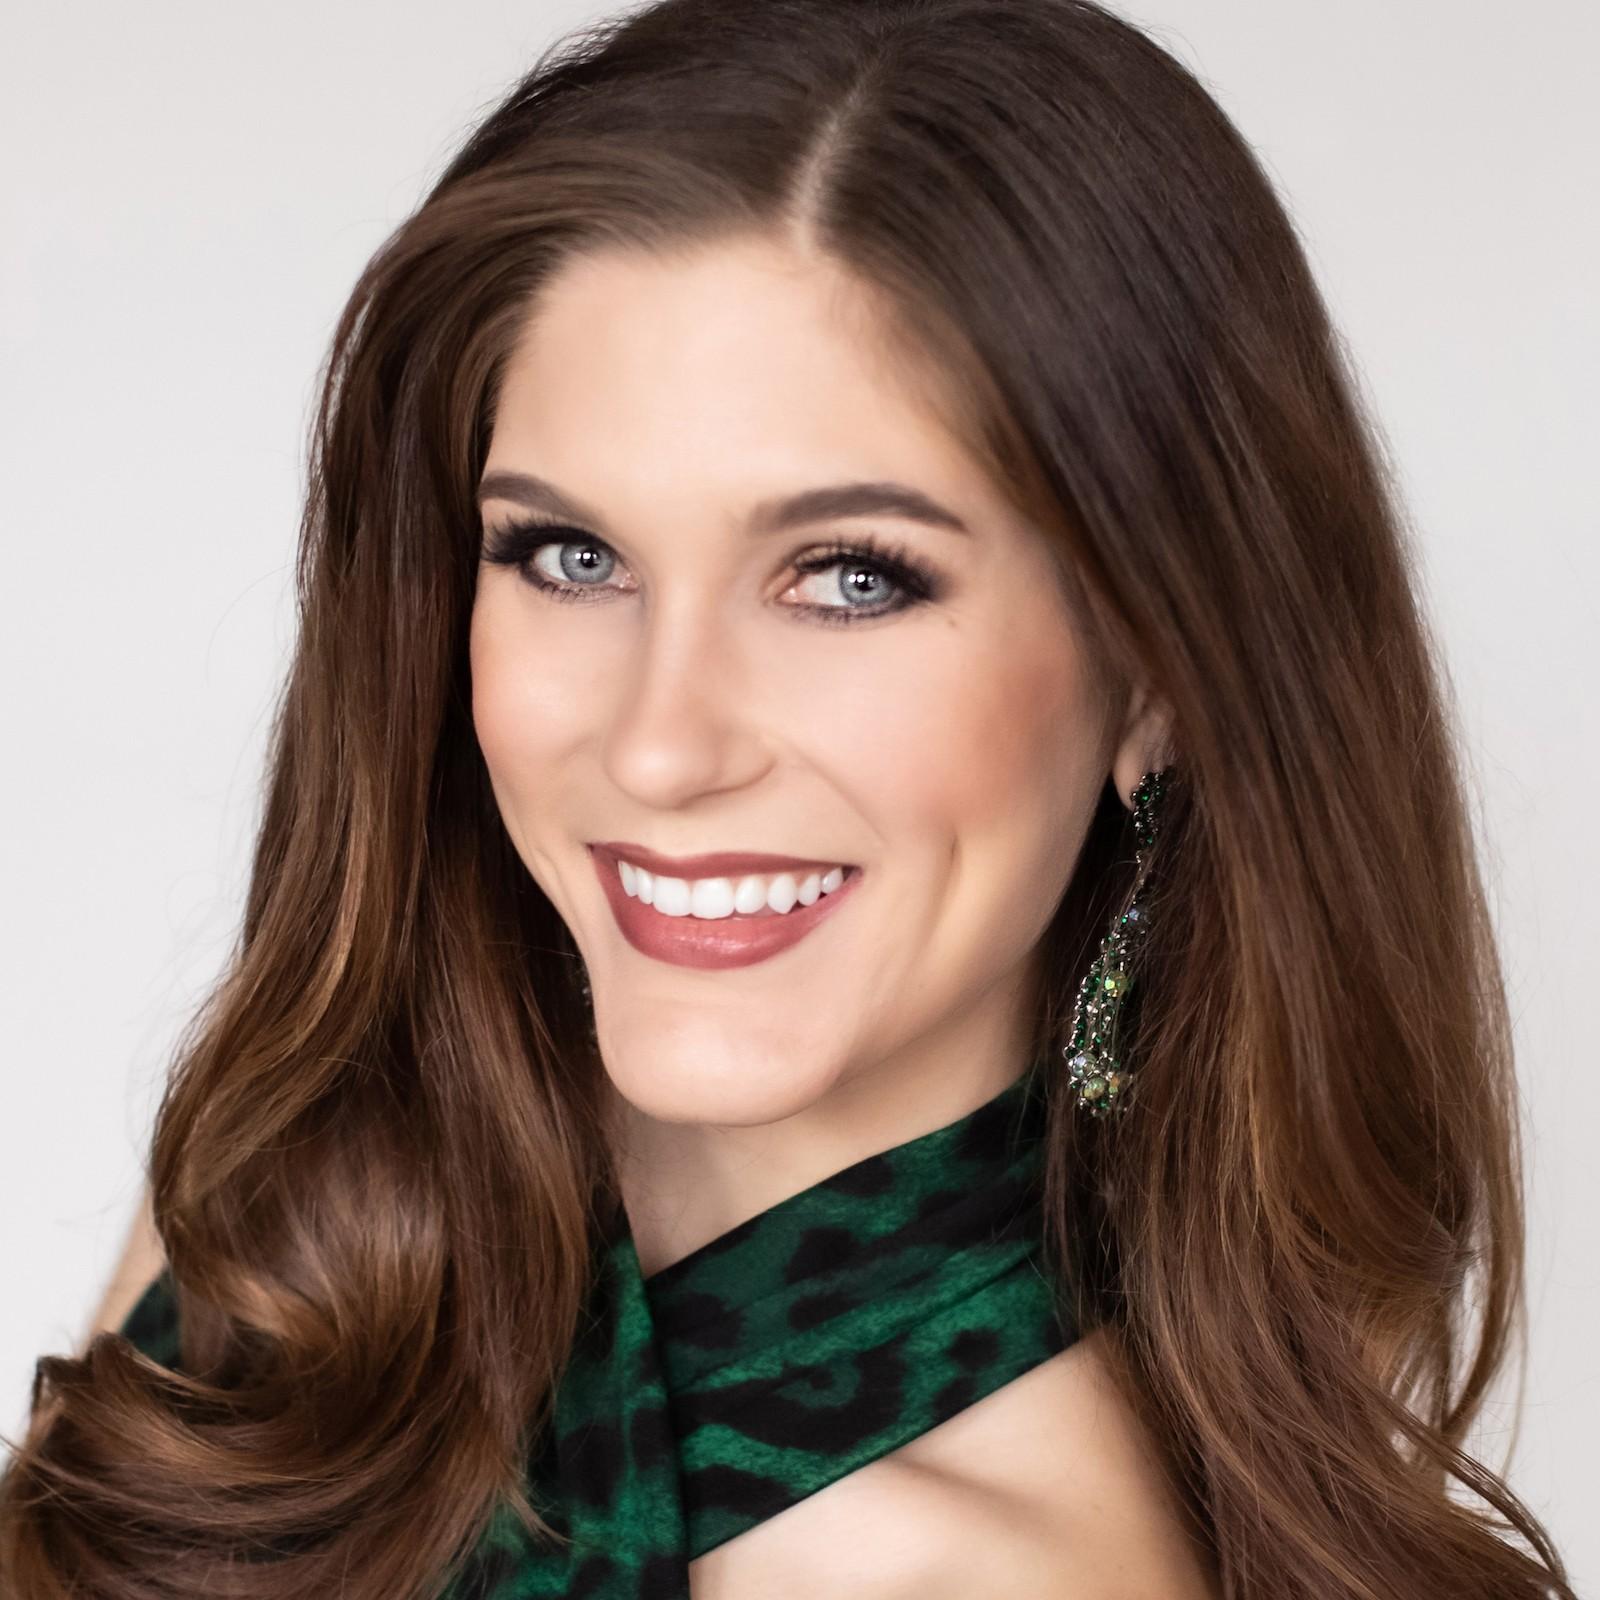 Danielle Hron